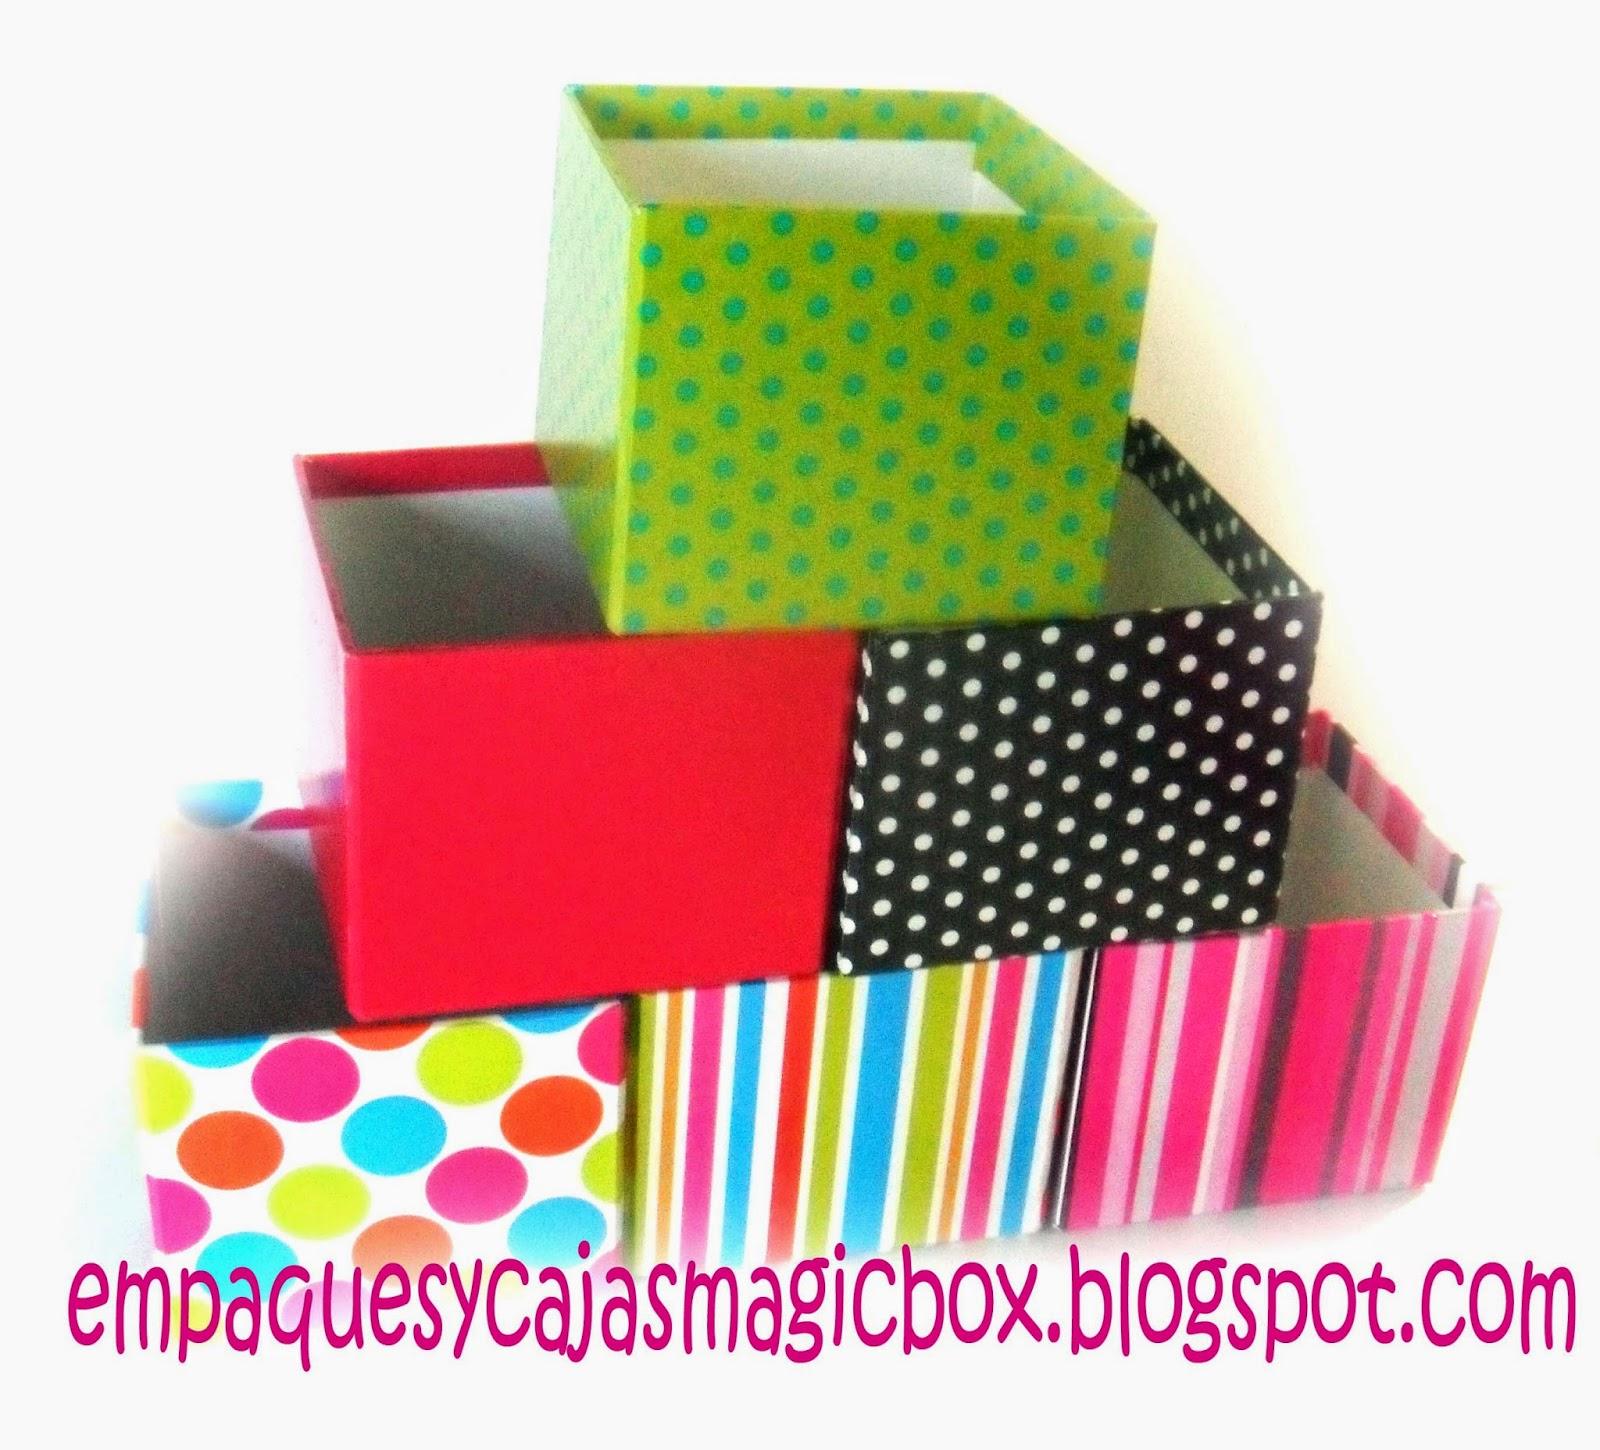 Todo para decoracion en galletas y ponques nuevos colores - Cajas de carton decoradas para regalos ...